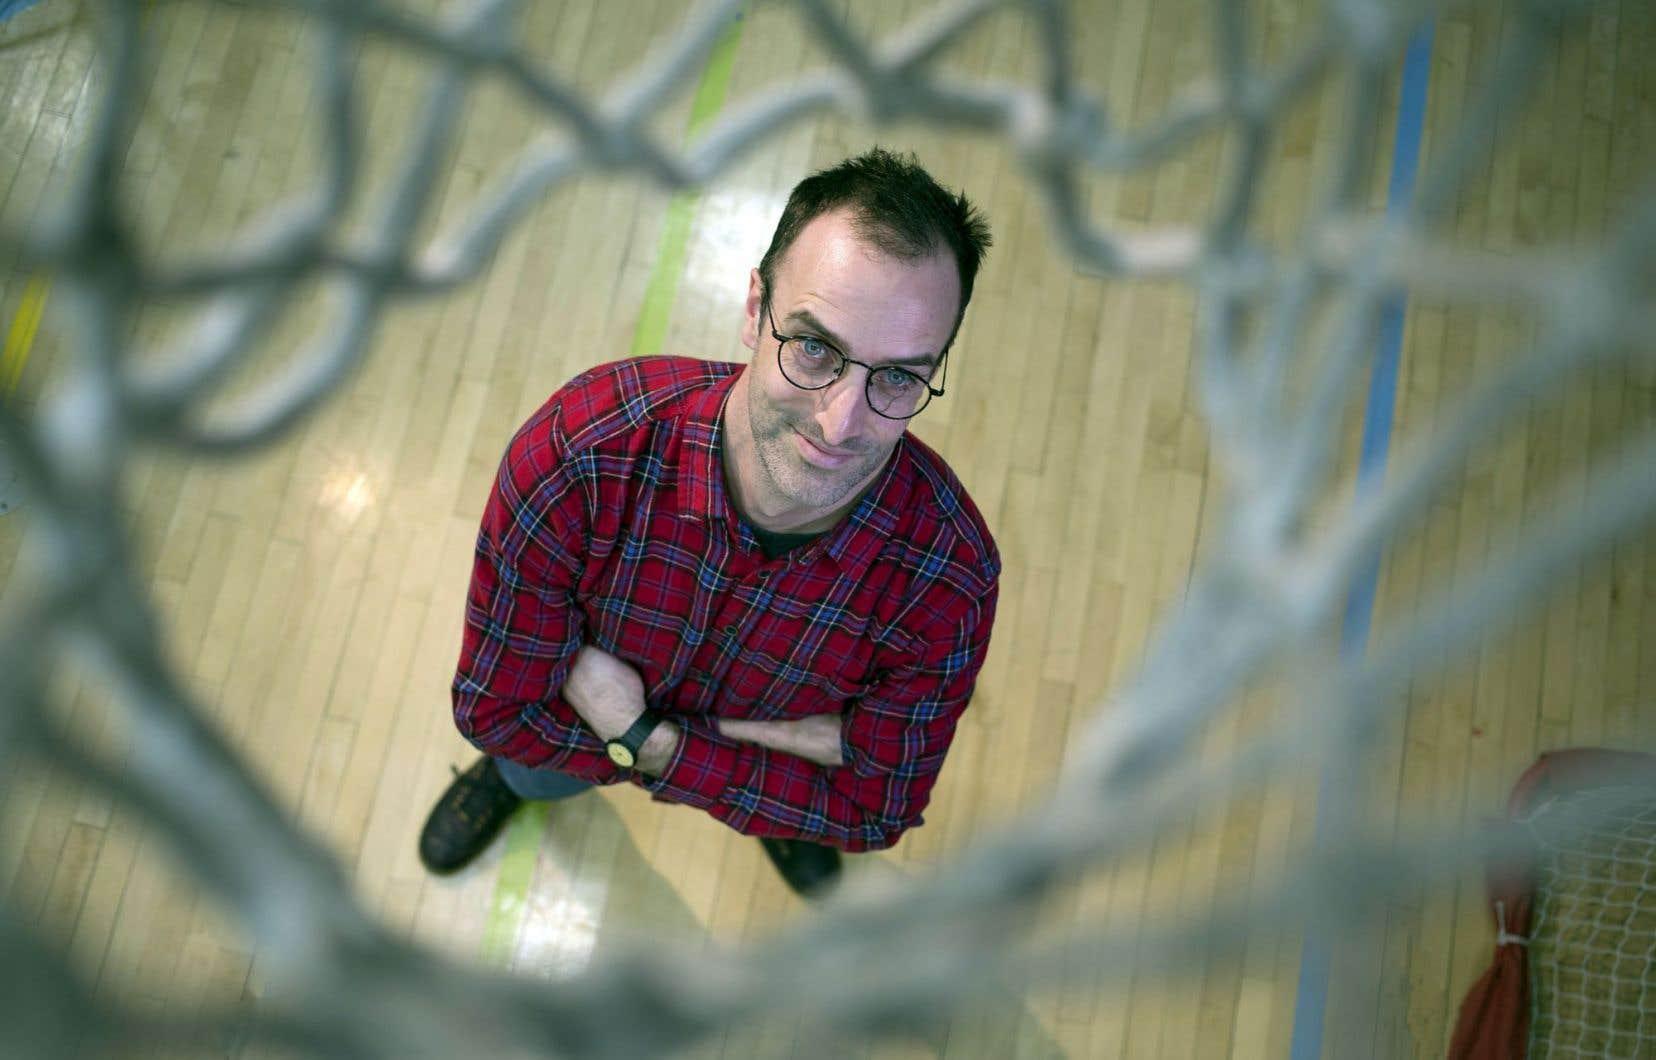 Recueil éclaté à l'architecture ambitieuse, «Le basketball et ses fondamentaux» jette un pont vers les livres précédents de l'auteur.